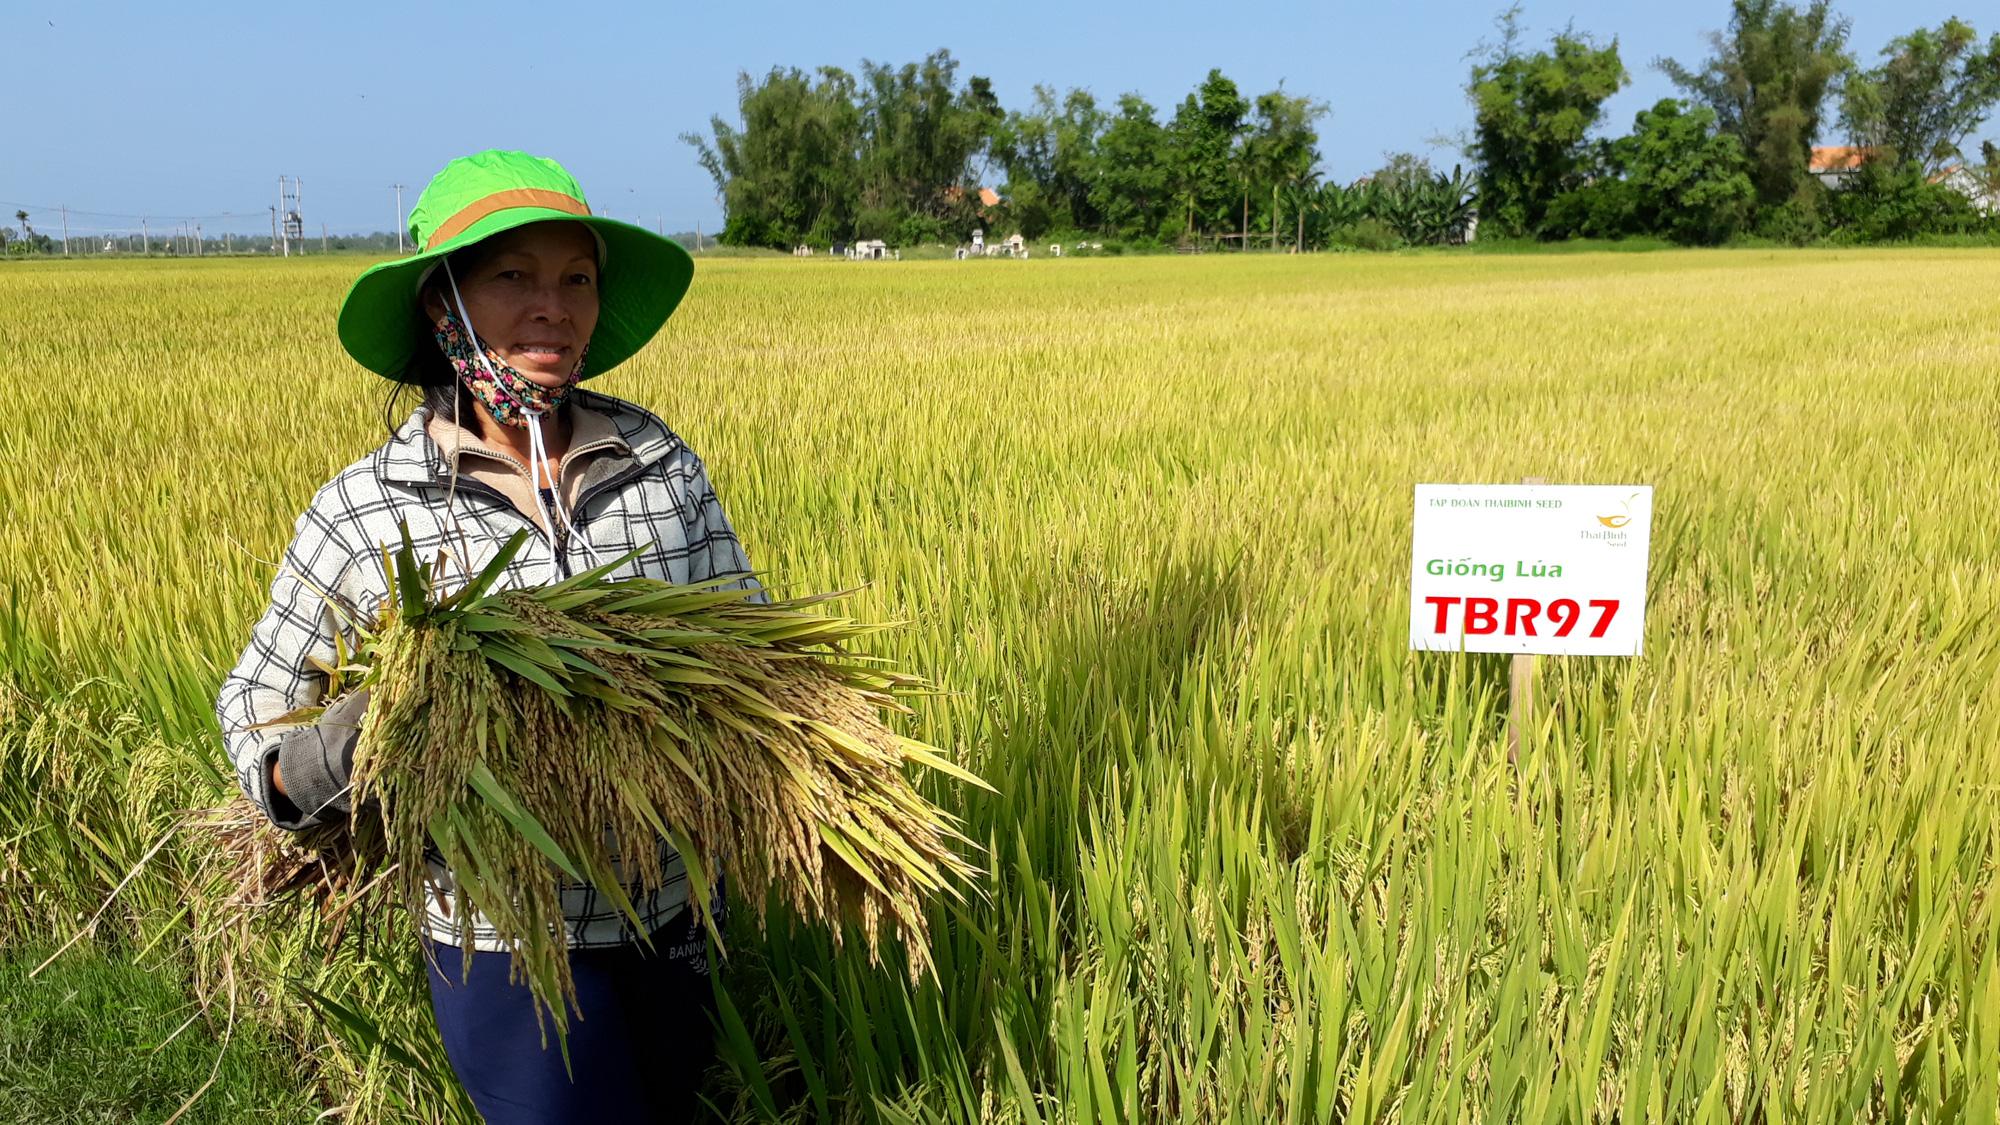 2 giống lúa mới khẳng định hiệu quả vượt trội trên đồng xứ Quảng Ngãi - Ảnh 1.